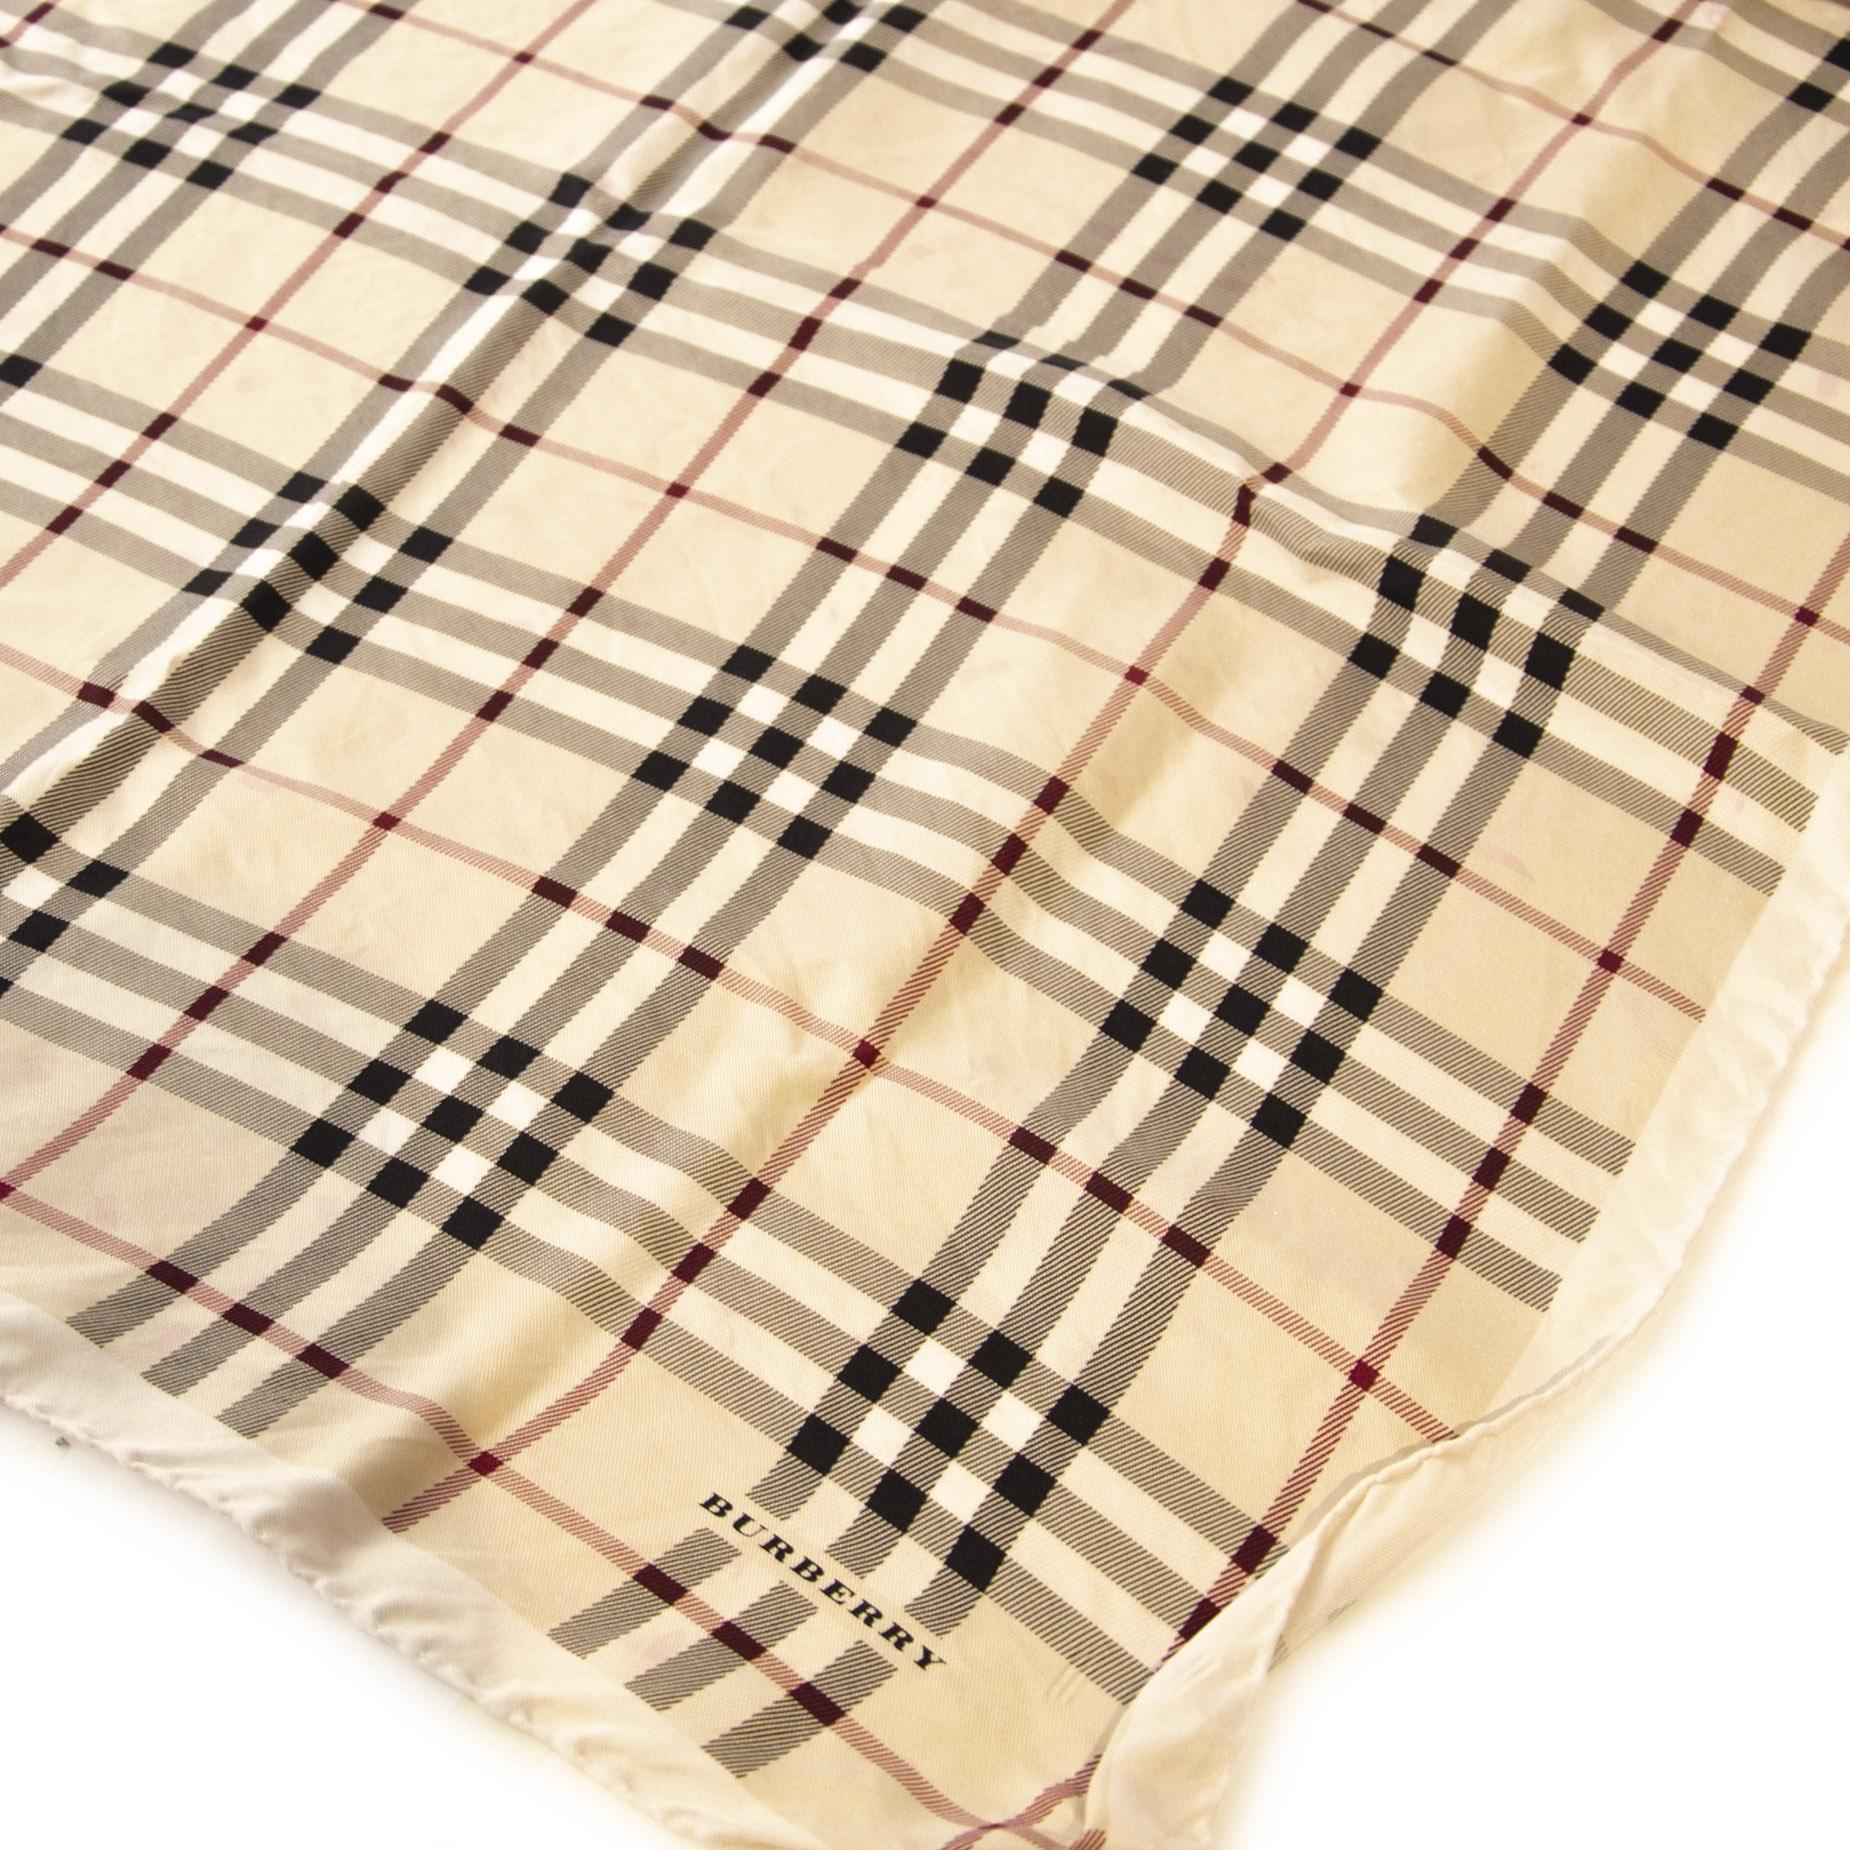 Authentieke Tweedehands Burberry Beige Check Silk Scarf juiste prijs veilig online shoppen luxe merken webshop winkelen Antwerpen België mode fashion